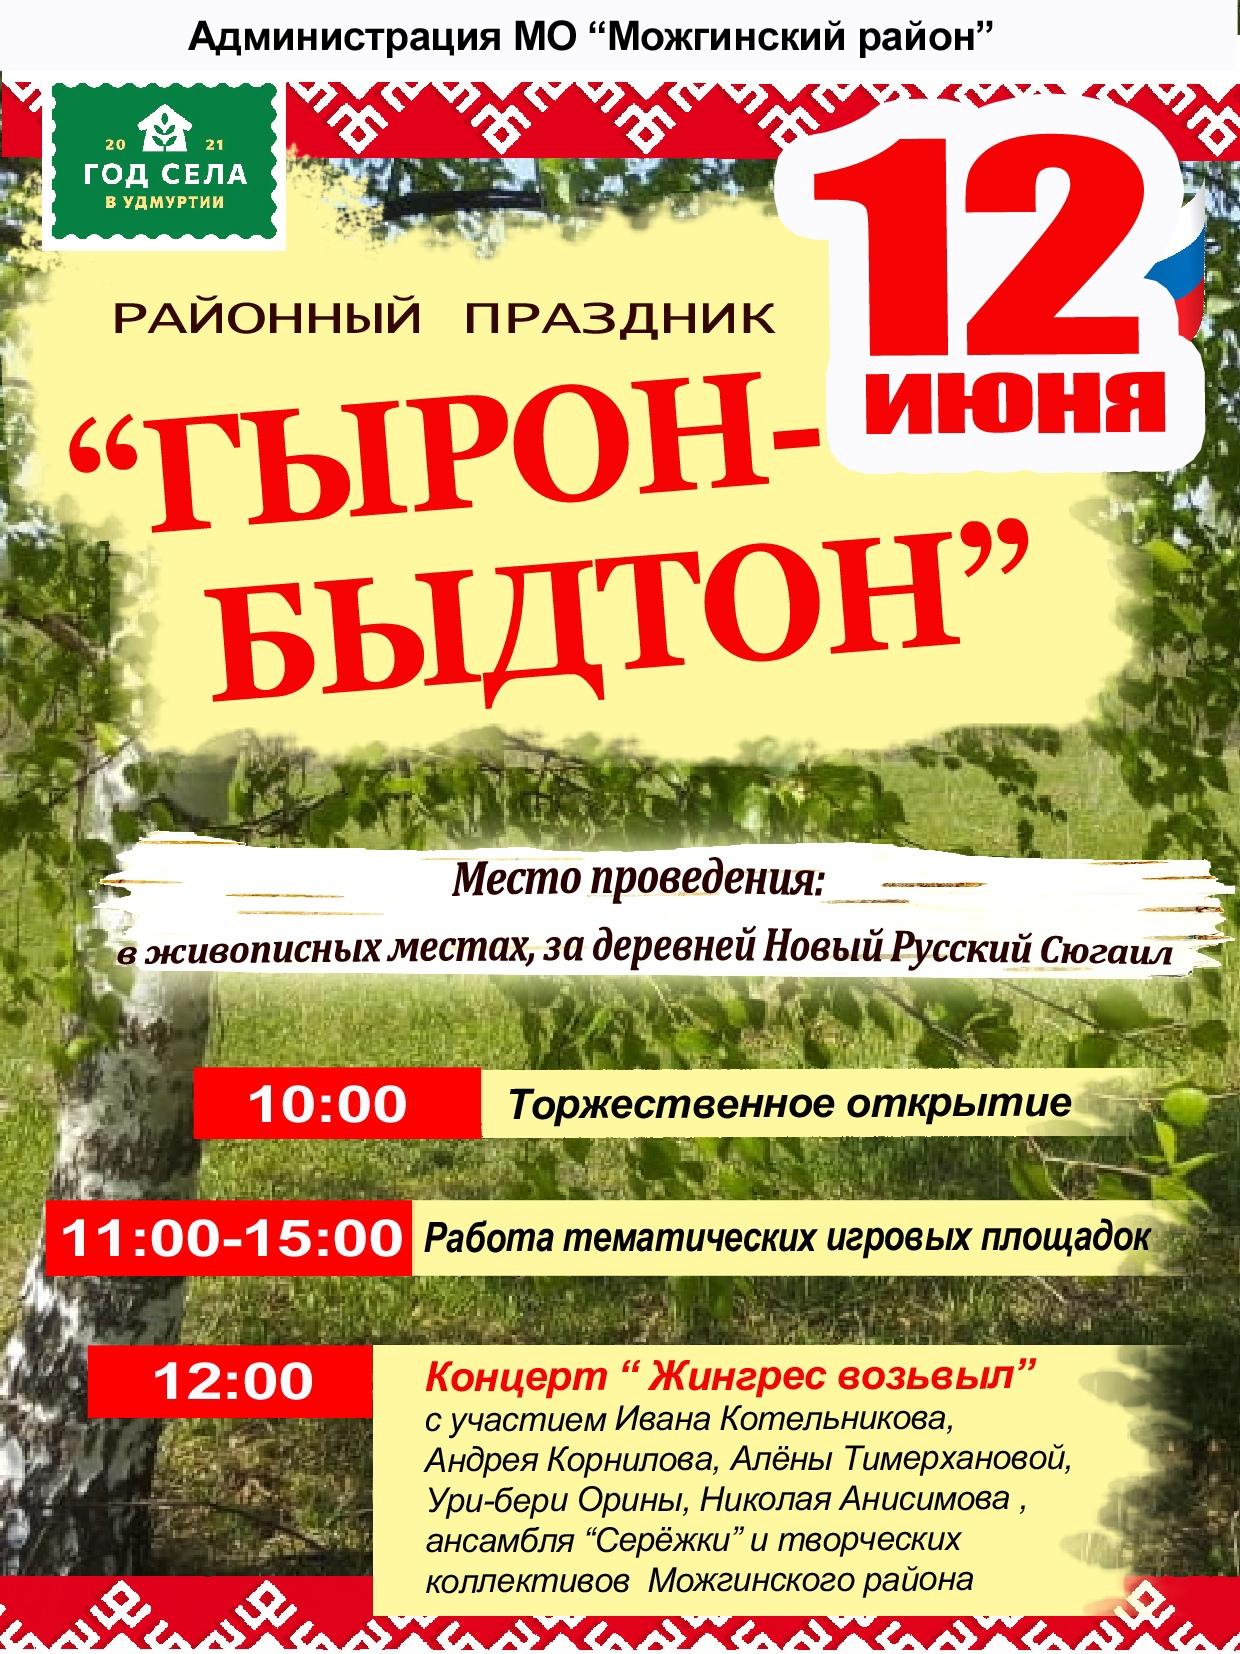 АФИША  Можгинский район приглашает на районный